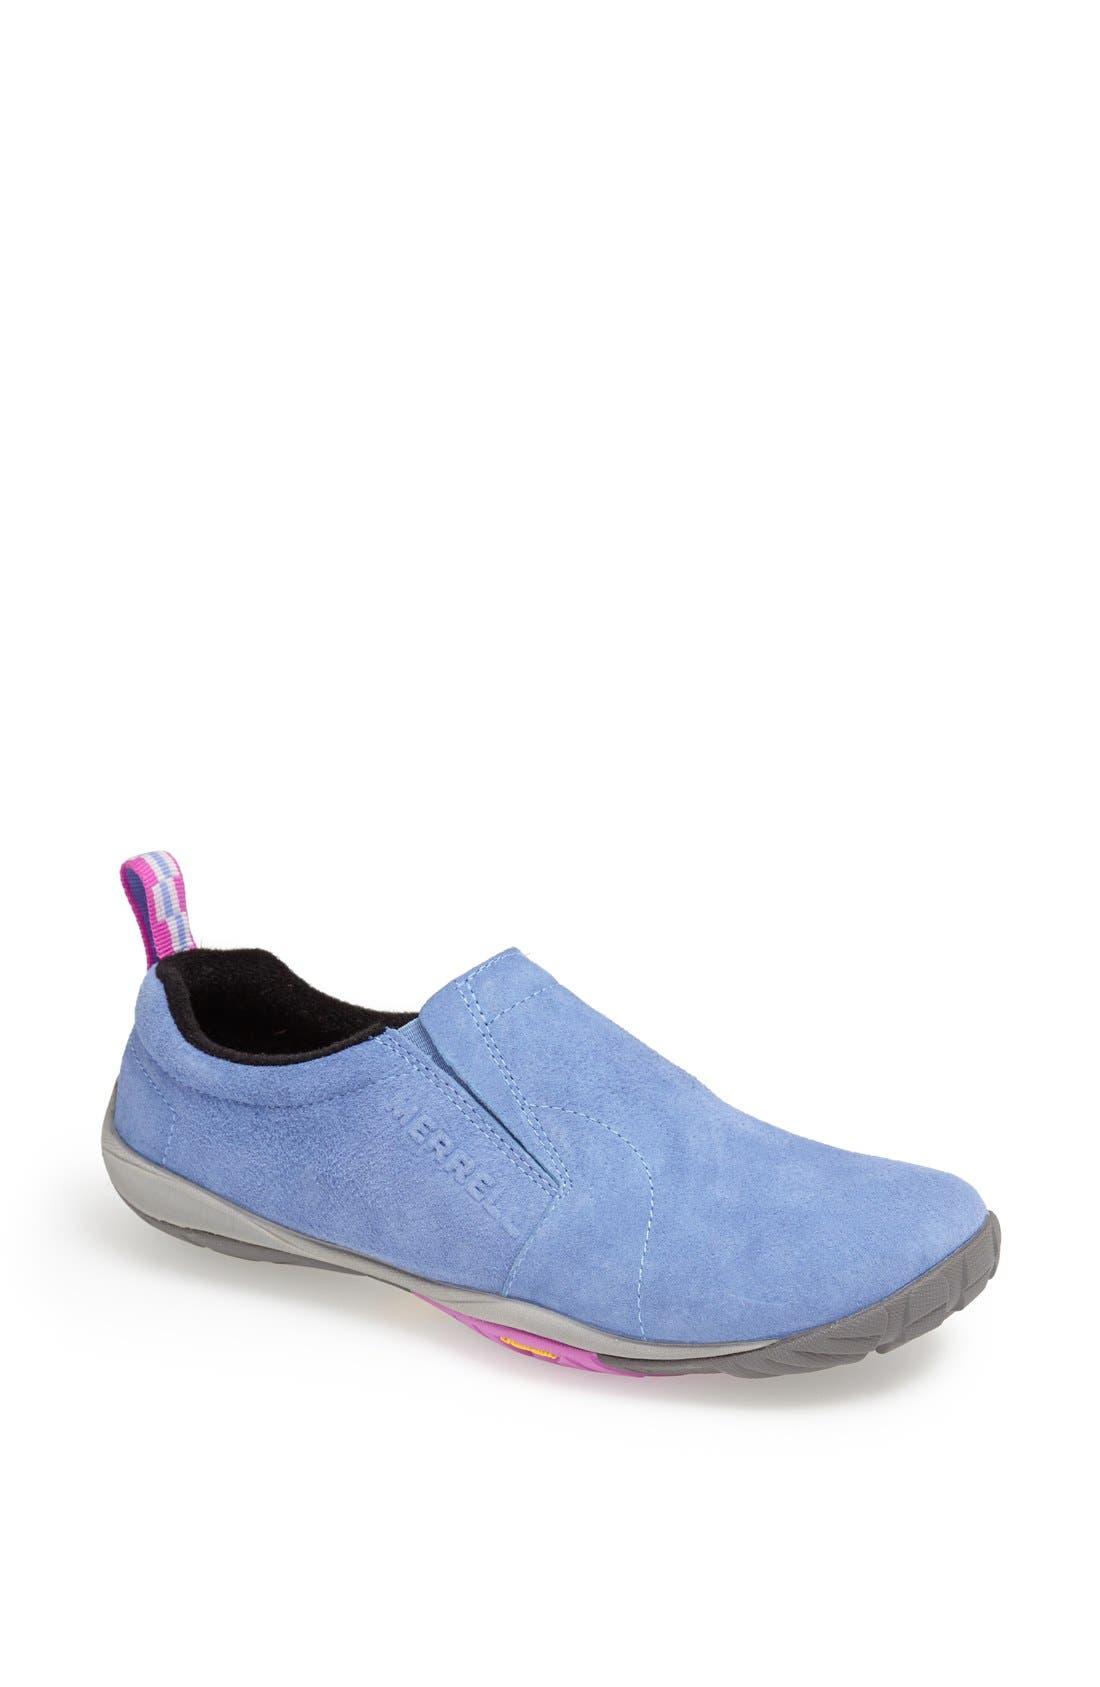 Alternate Image 1 Selected - Merrell 'Jungle Glove' Sneaker (Women)